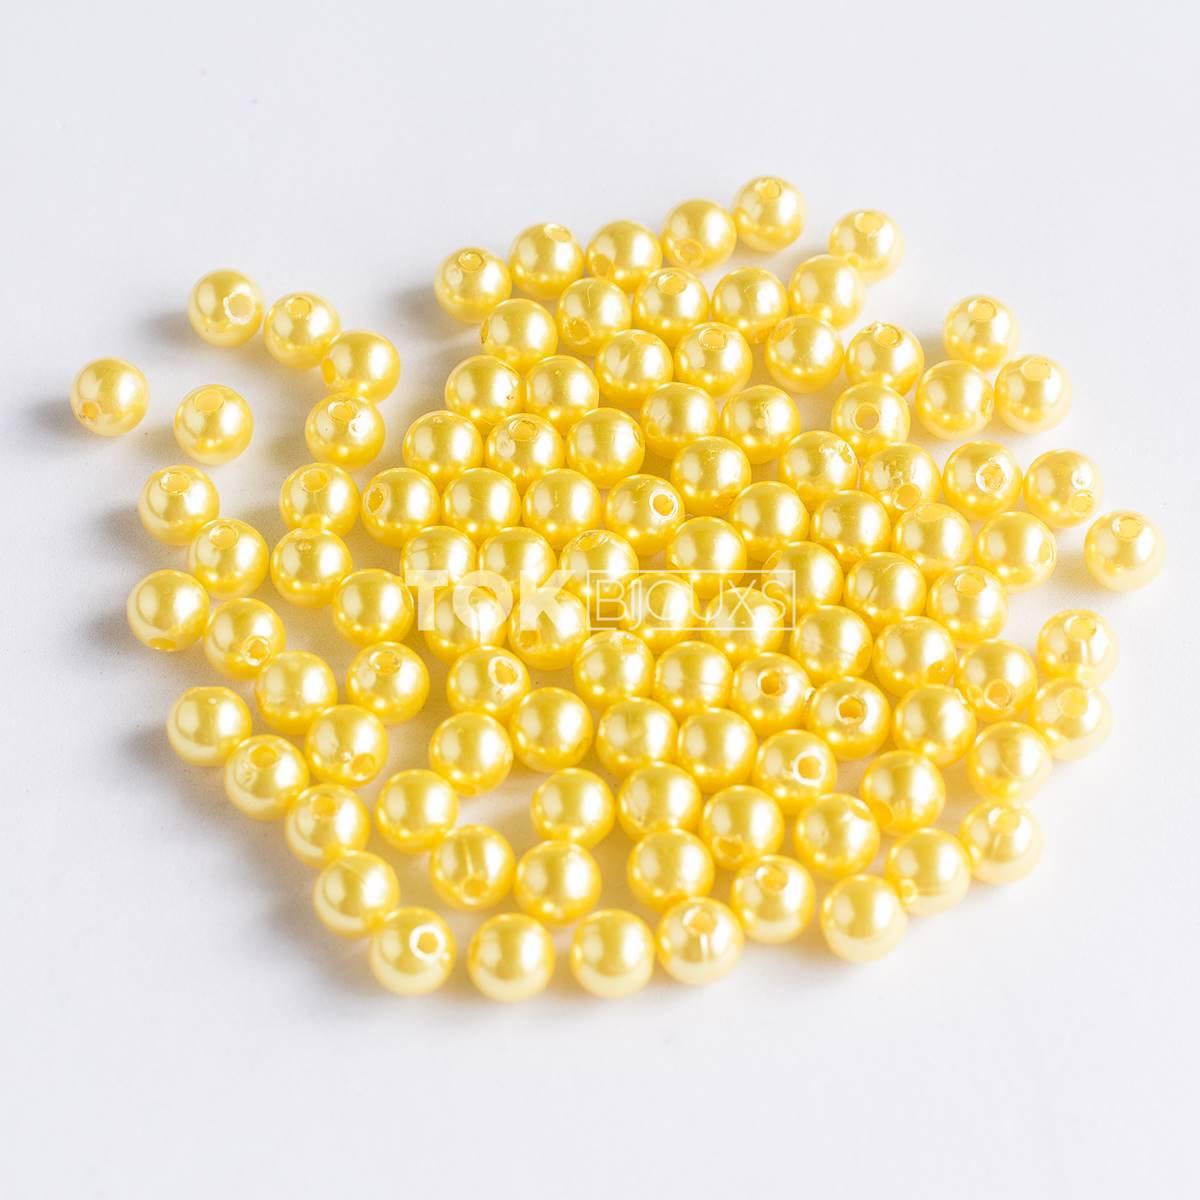 Pérola Redonda Abs 8mm - Amarelo - 25g